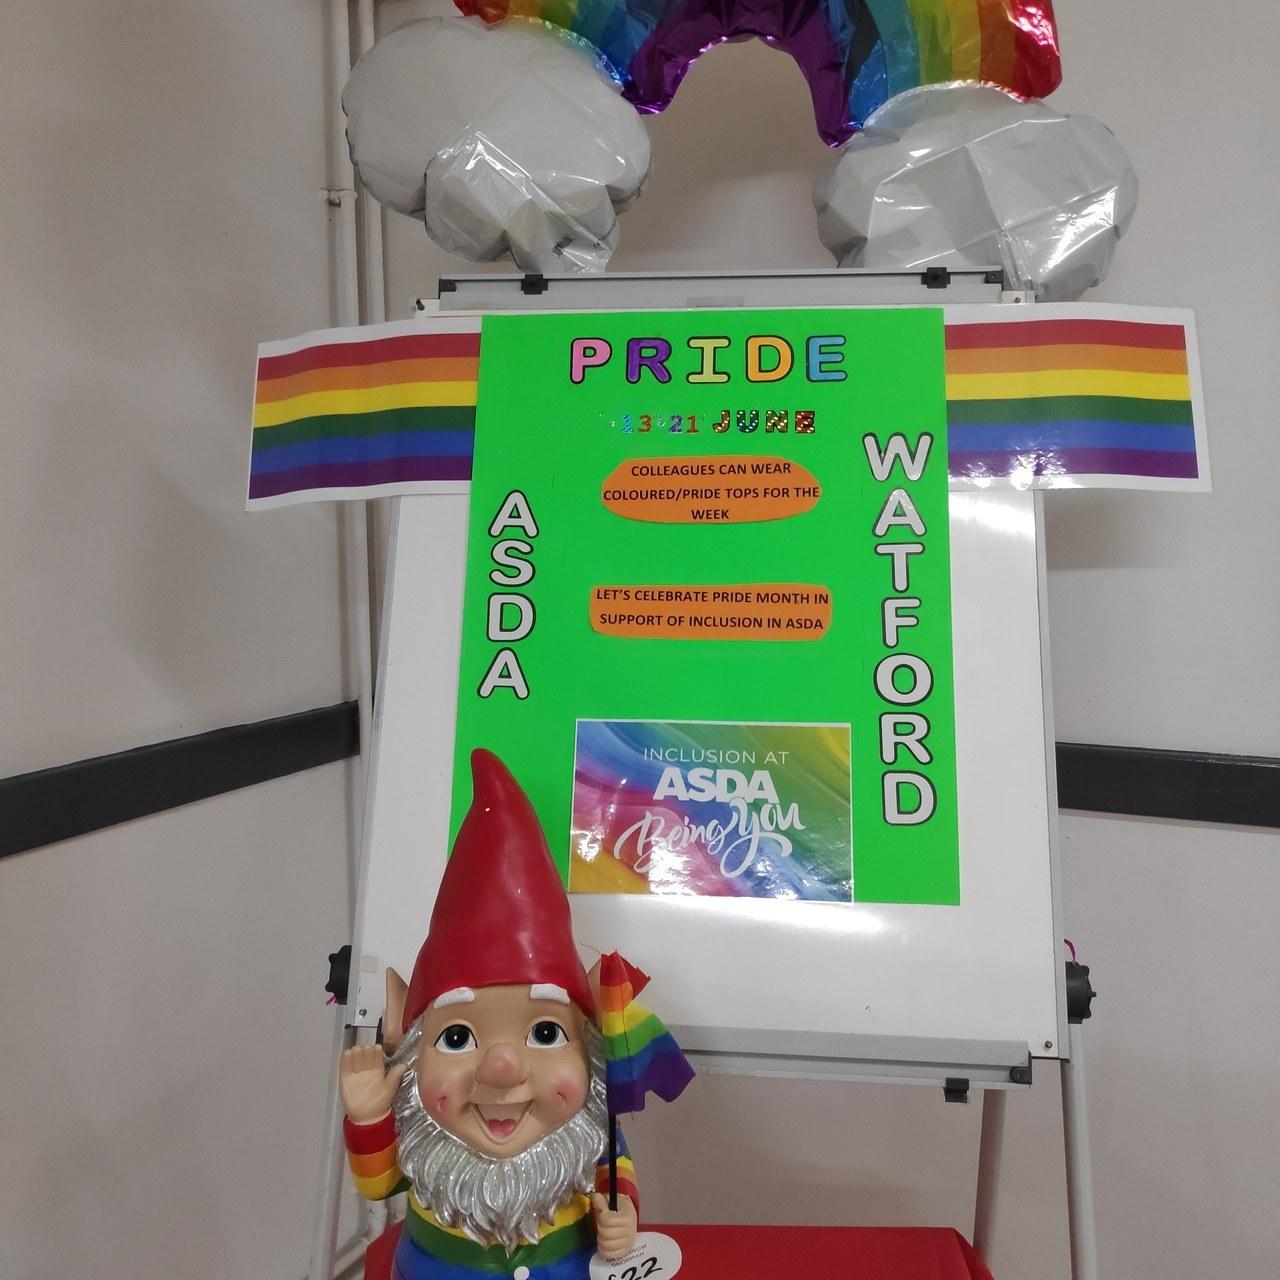 Asda Watford supports Pride | Asda Watford